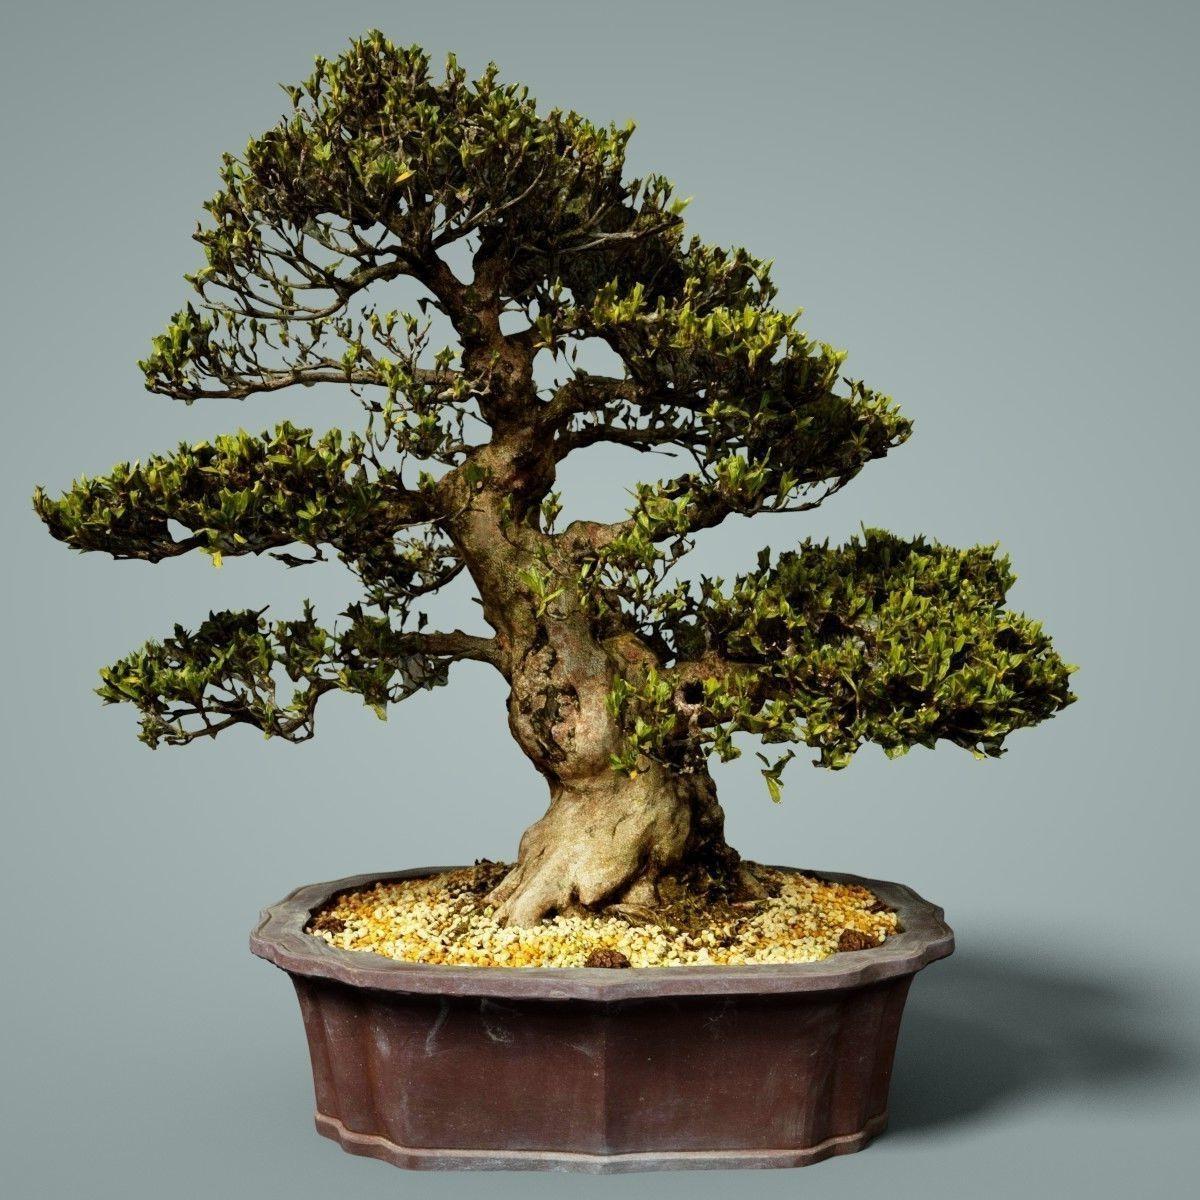 Achat de bonsaï: En hiver, le cycle de croissance annuel se termine et l'arbre se prépare pour le cycle suivant qui recommencera au début du printemps.